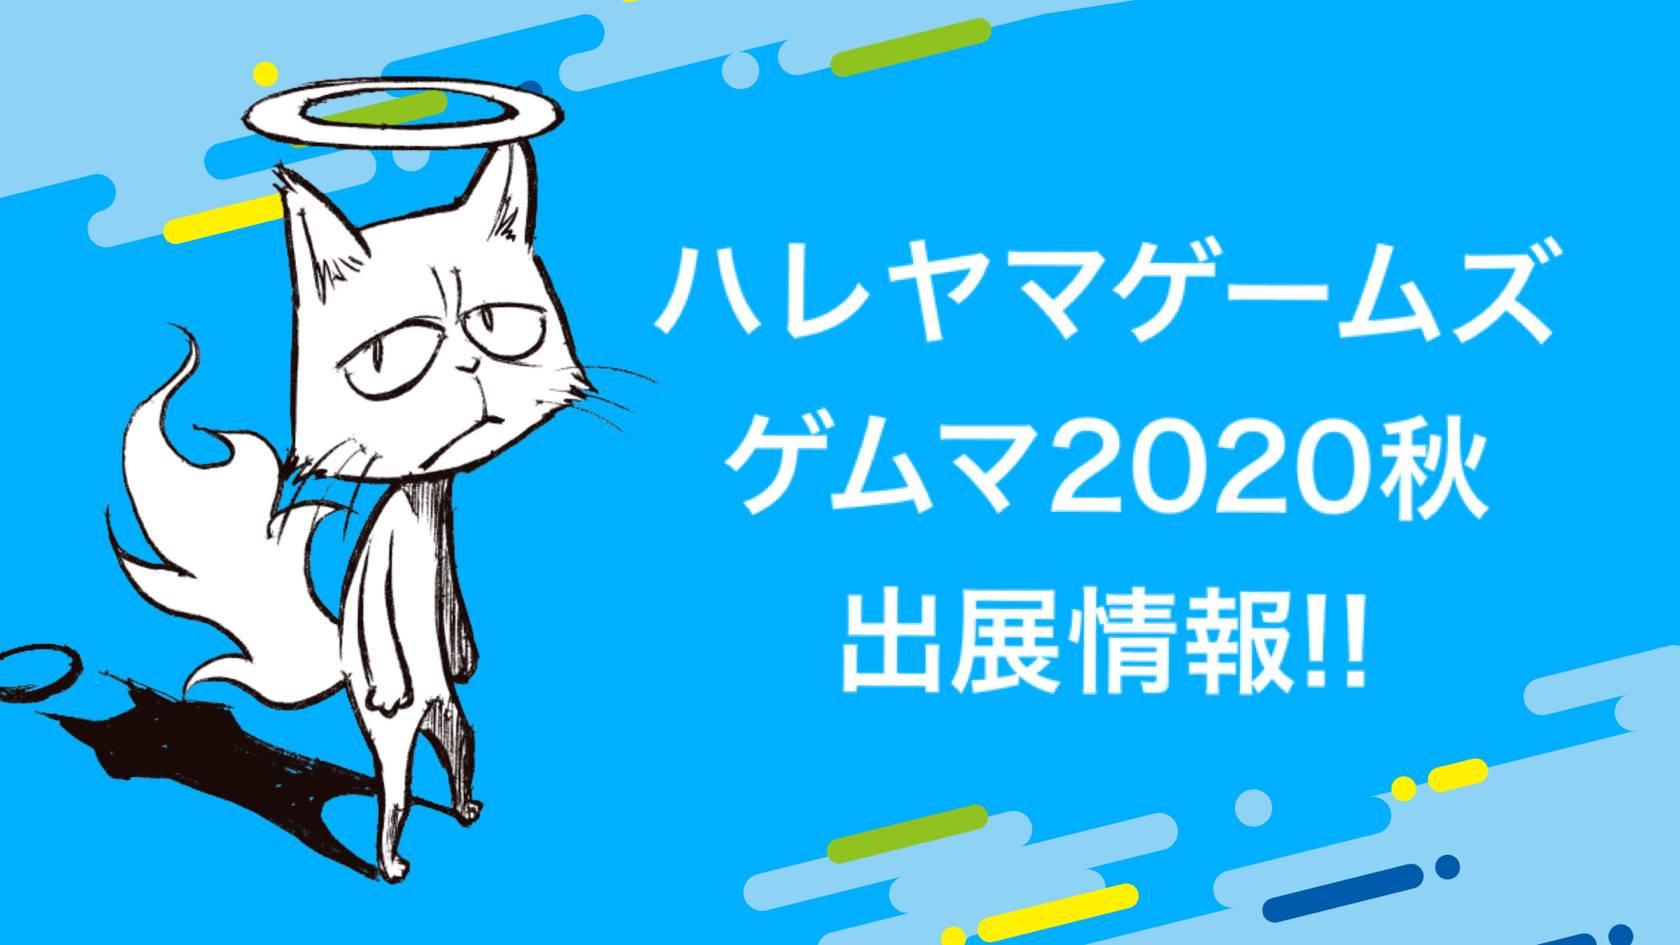 ハレヤマゲームズ「ゲームマーケット2020秋」出展情報!!